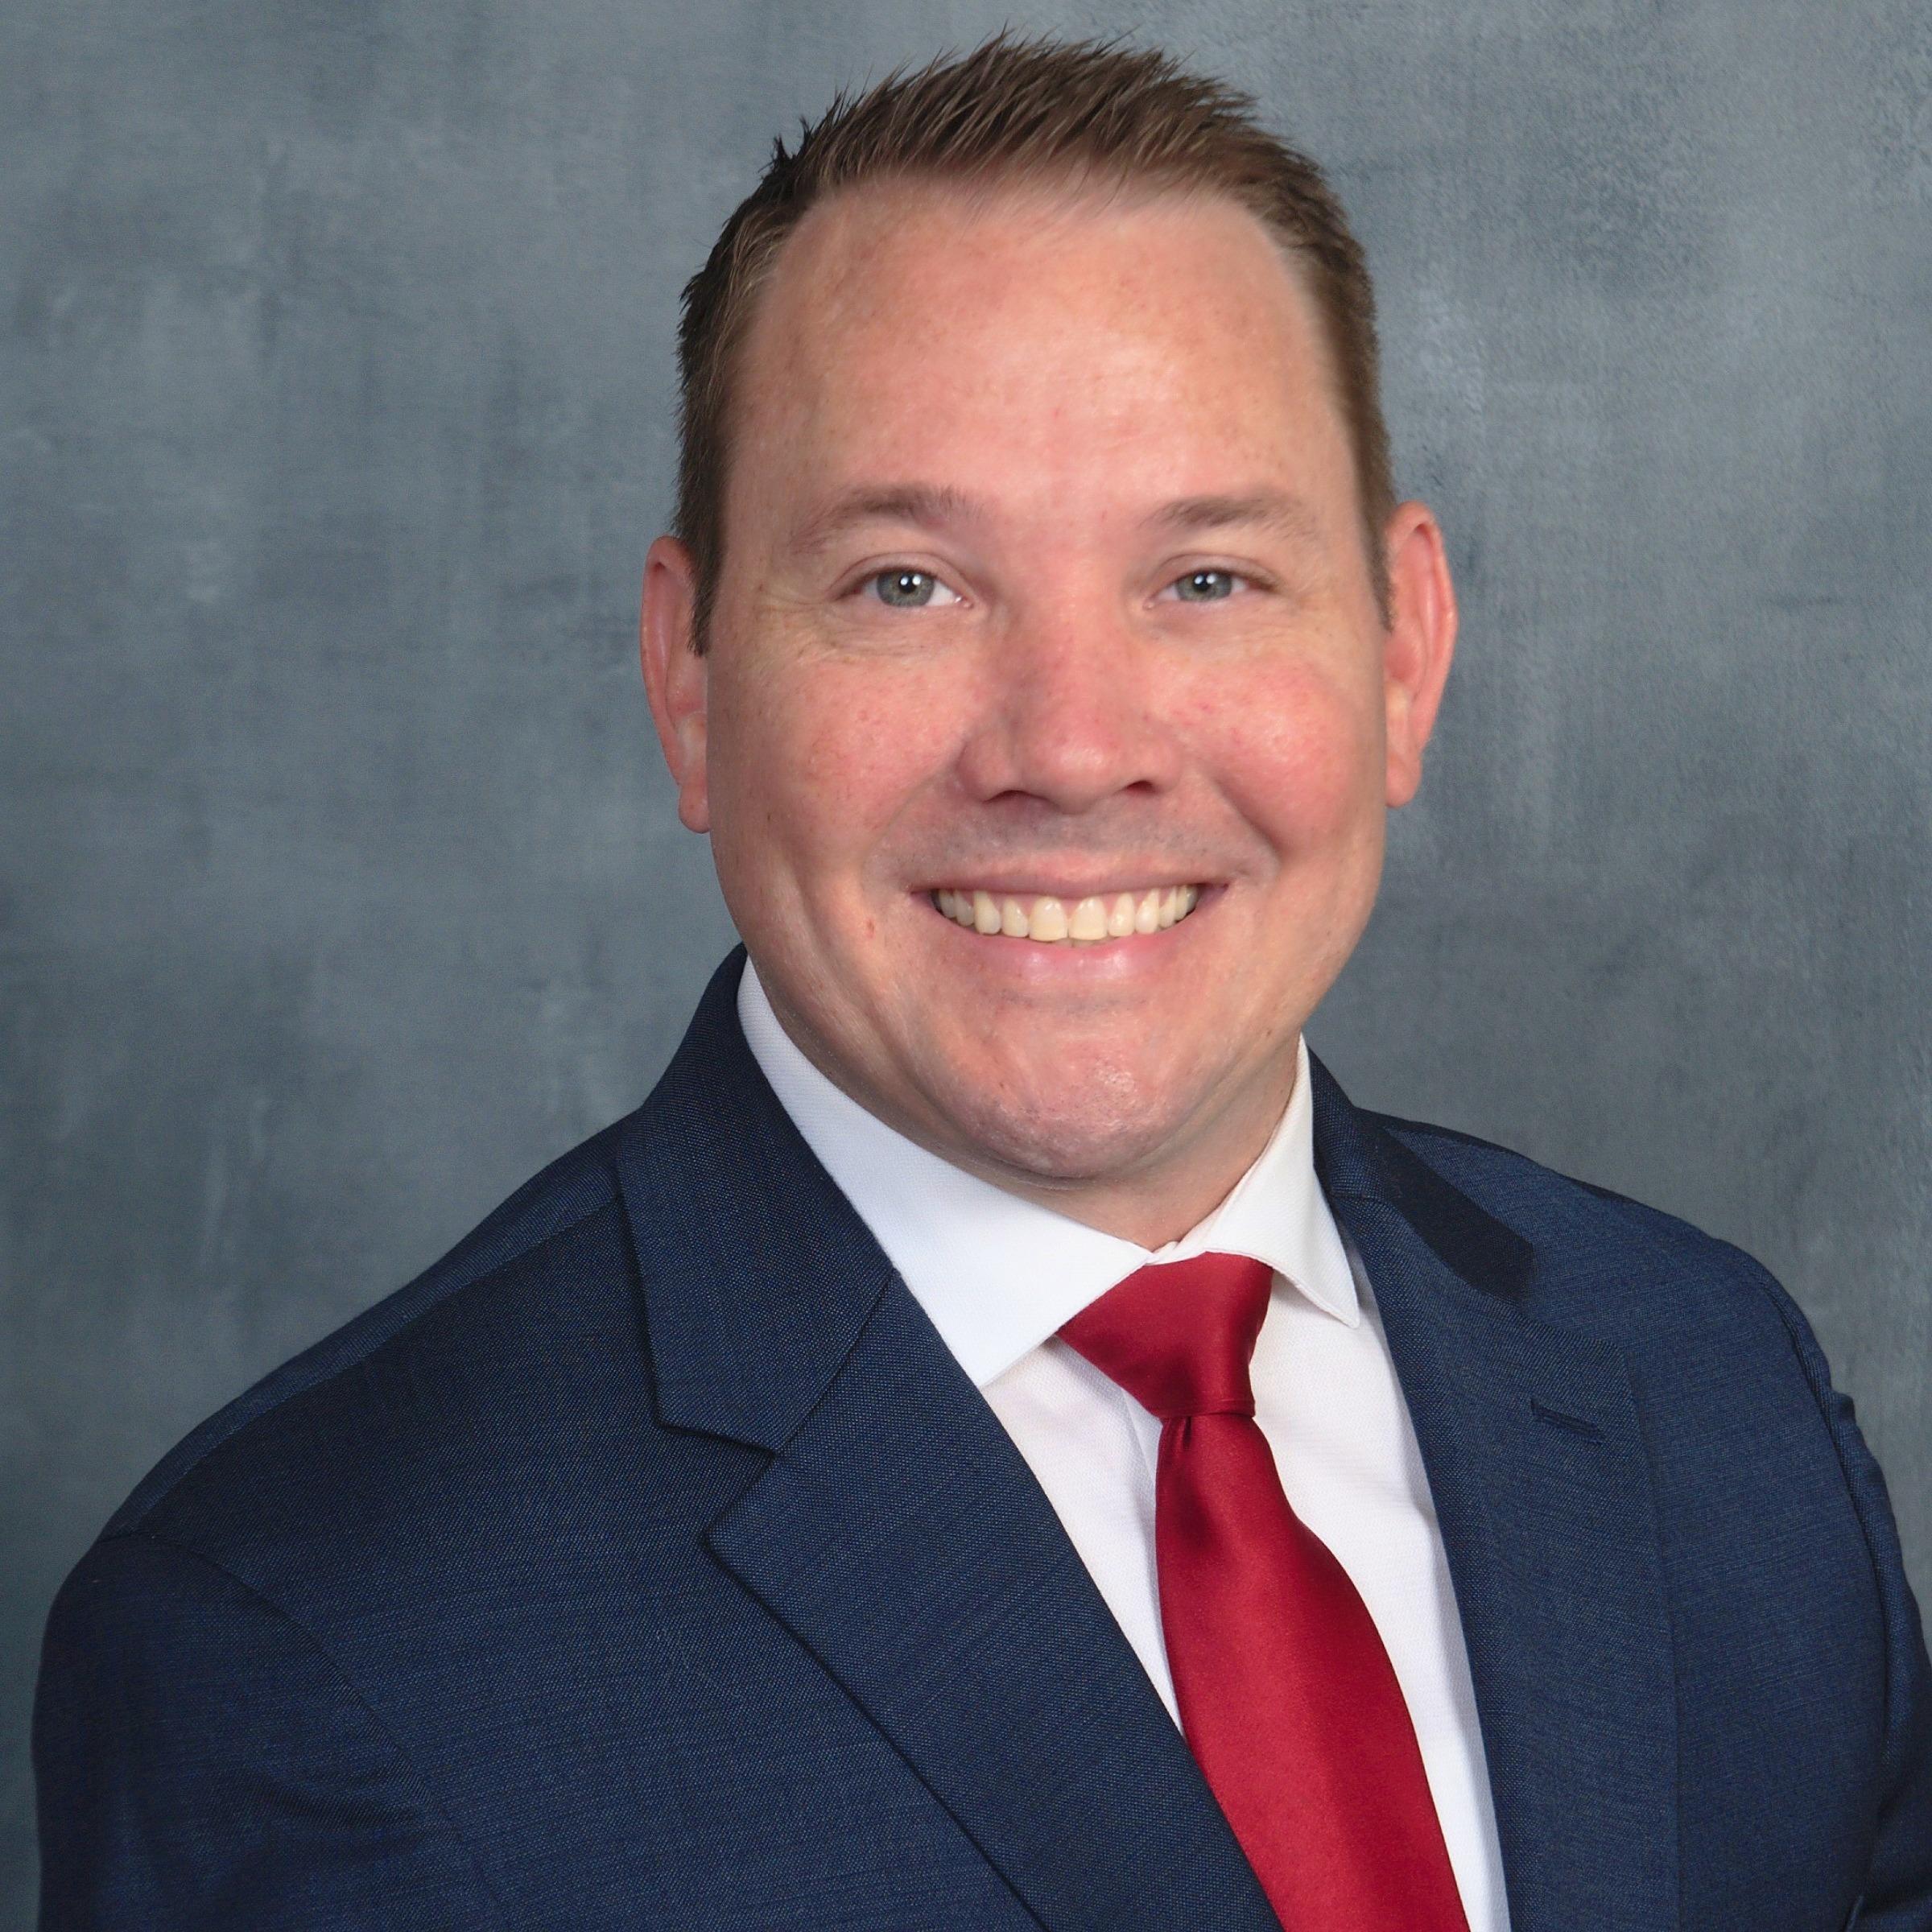 Scott Meiners